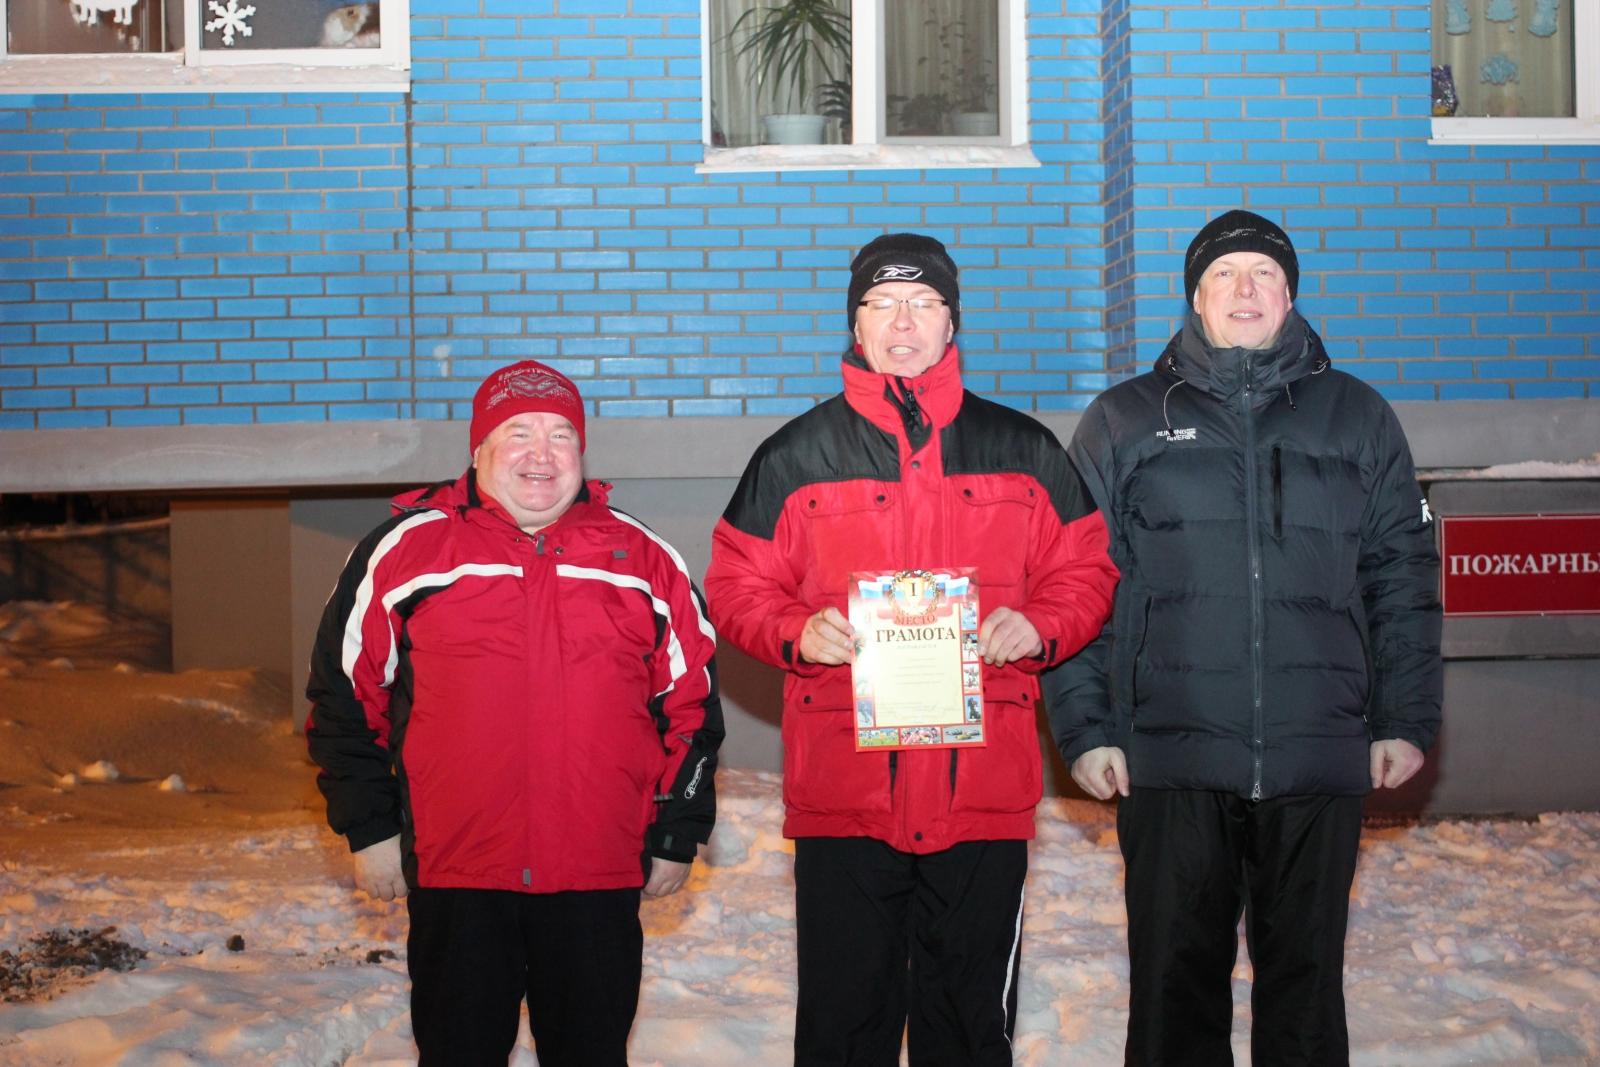 Товарищеский матч по хоккею среди сотрудников Главного управления МЧС России по Удмуртской Республике